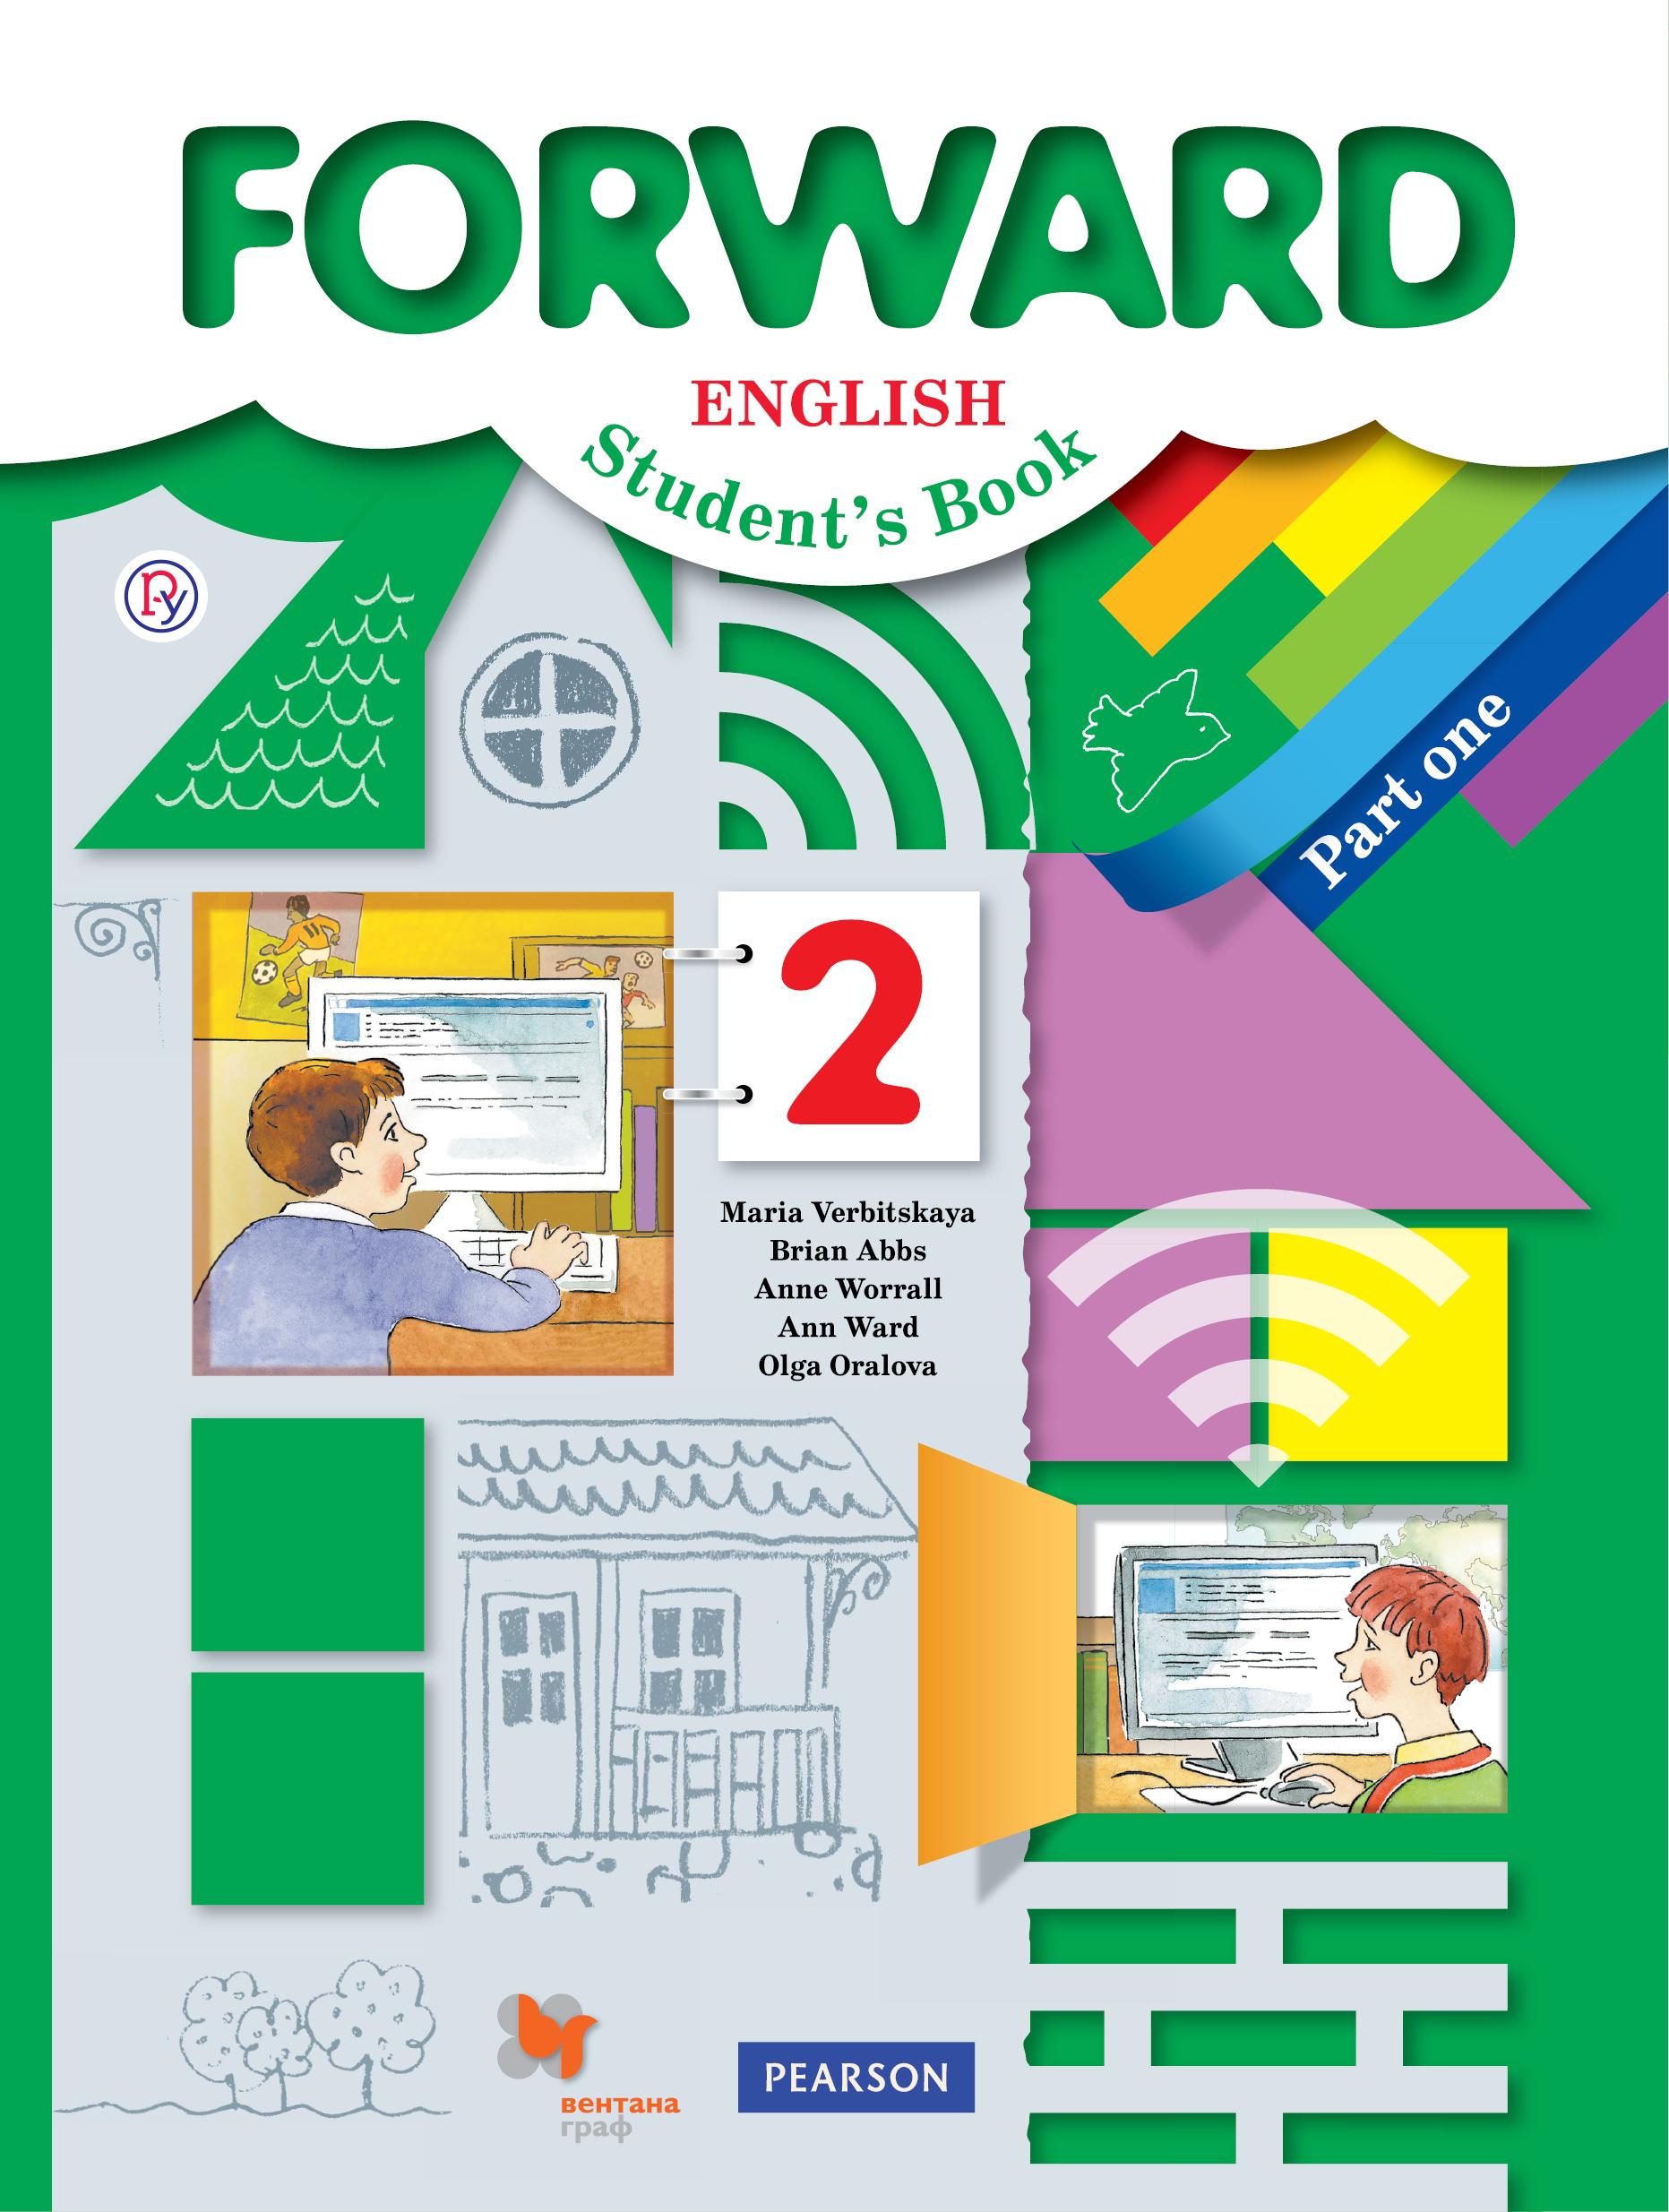 учебник россии язык 2 гдз школа класс английский